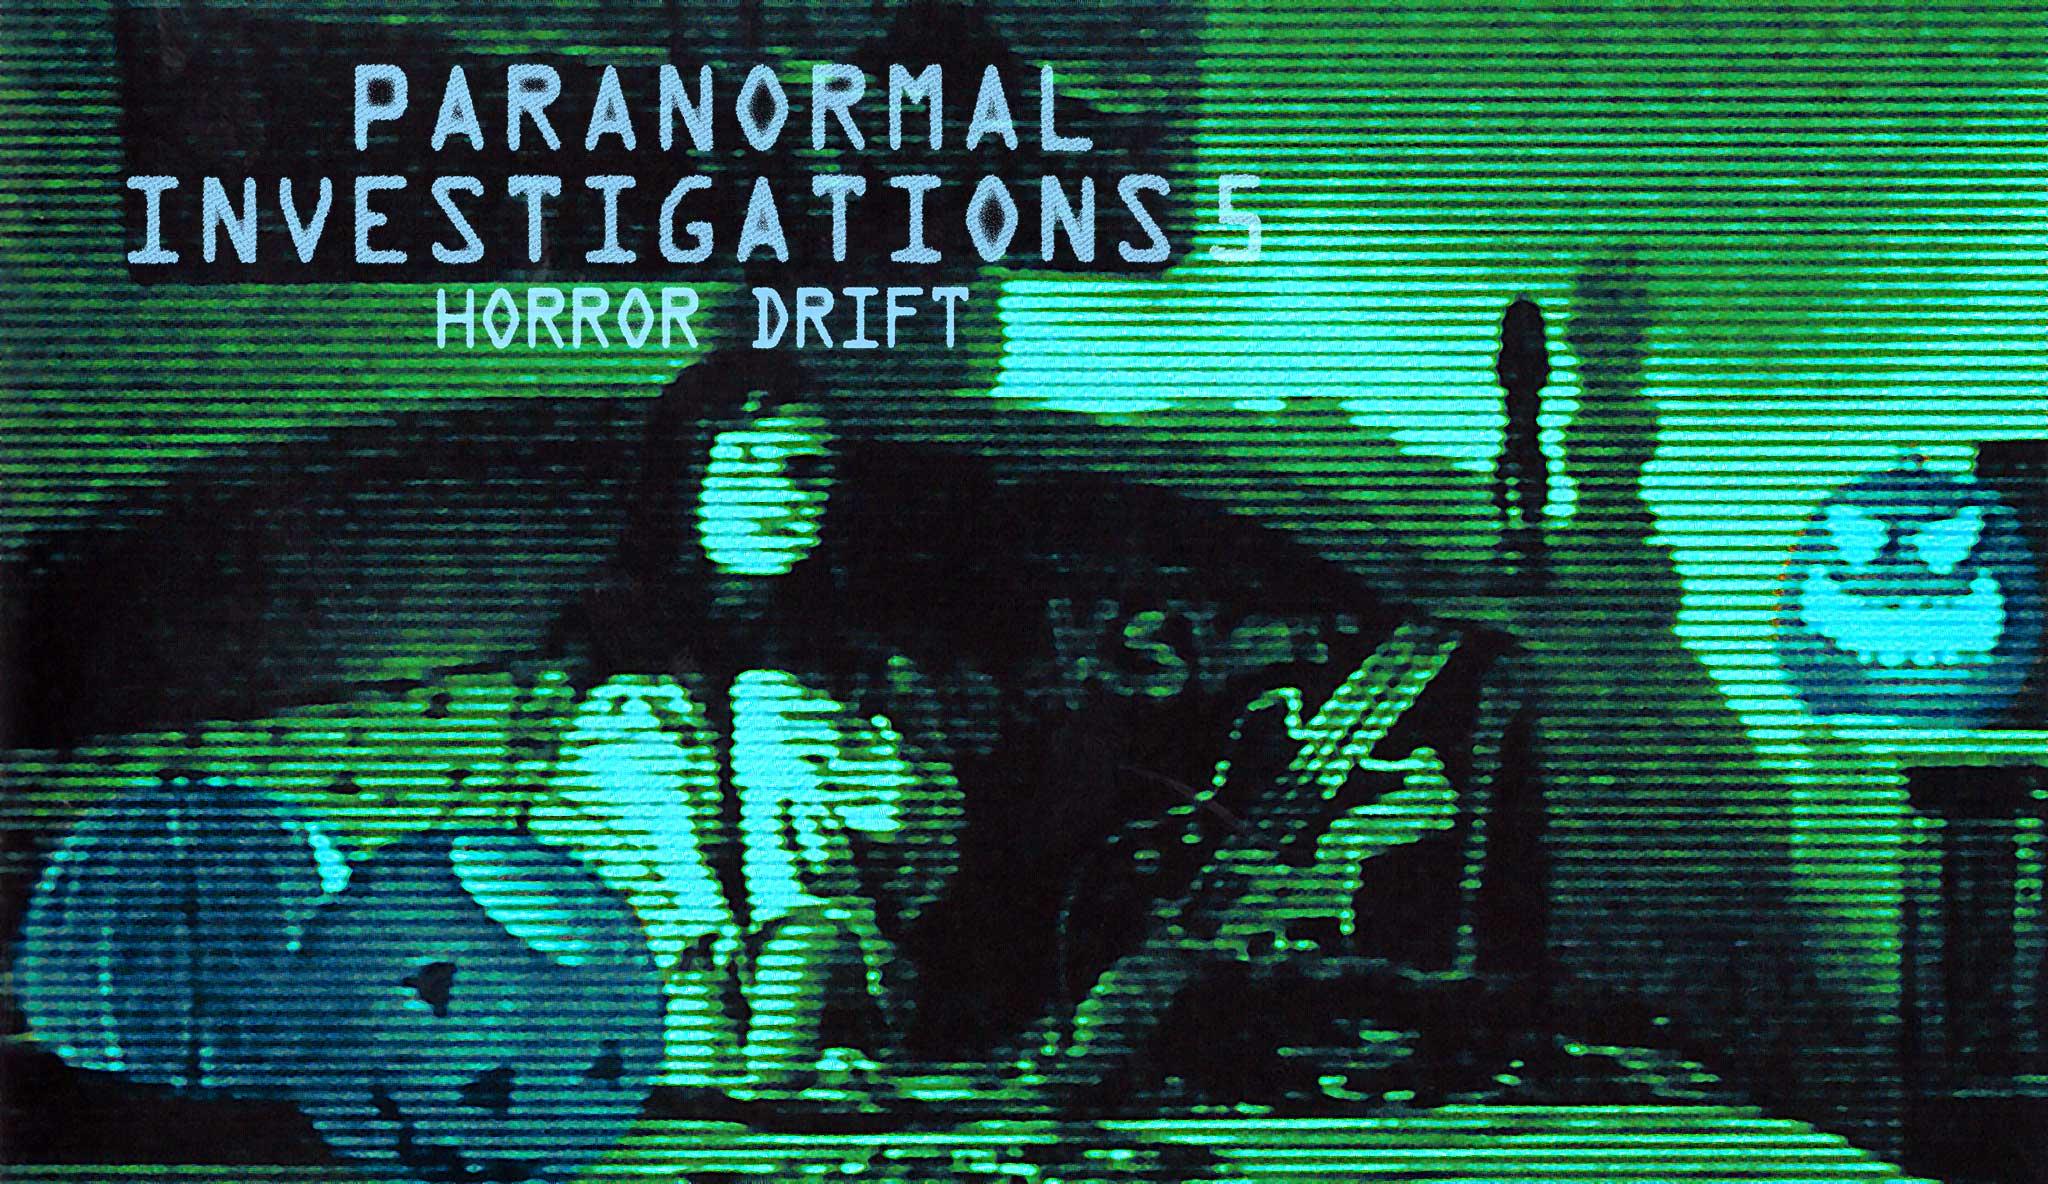 paranormal-investigations-horror-drift\header.jpg